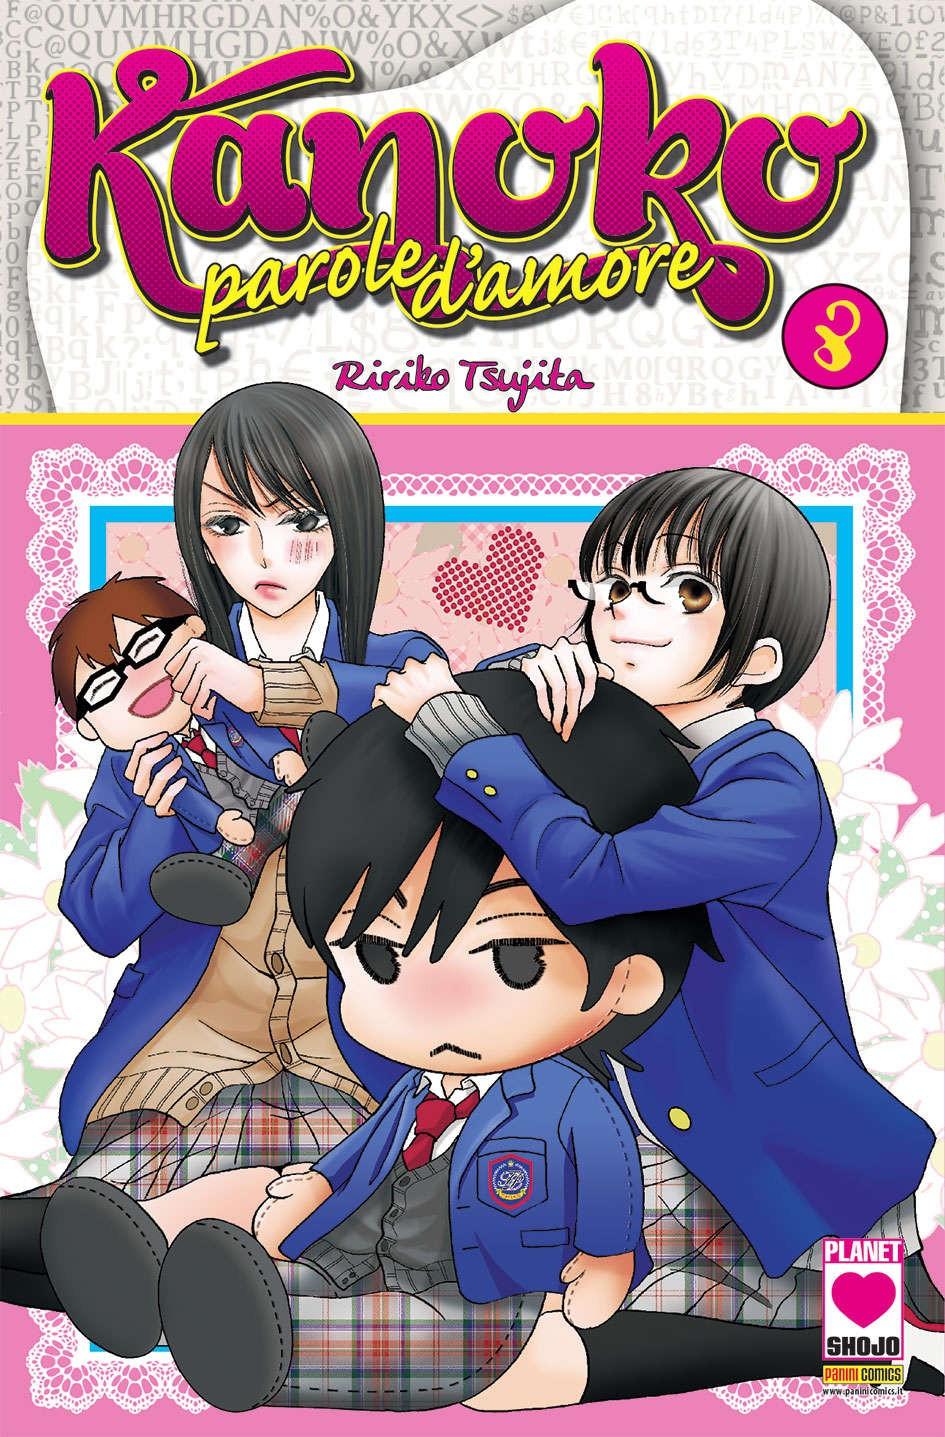 Kanoko Parole D'Amore - N° 8 - Kanoko Parole D'Amore (M11) - I Love Japan Planet Manga